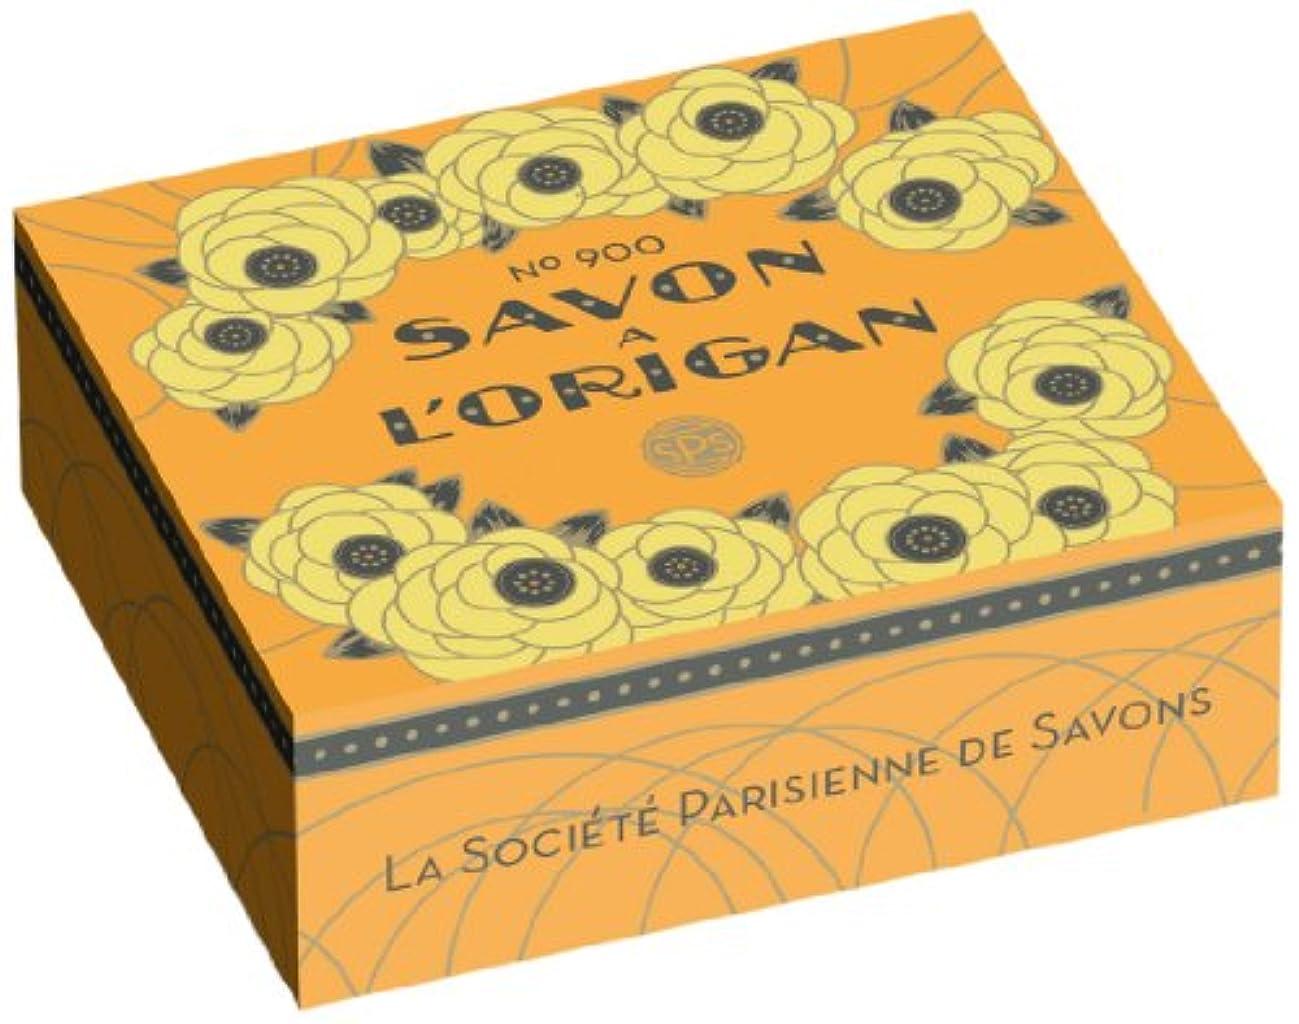 面積海外わずらわしい【パリジェンヌ ドゥ サボン】フレグランスソープM/オリガン